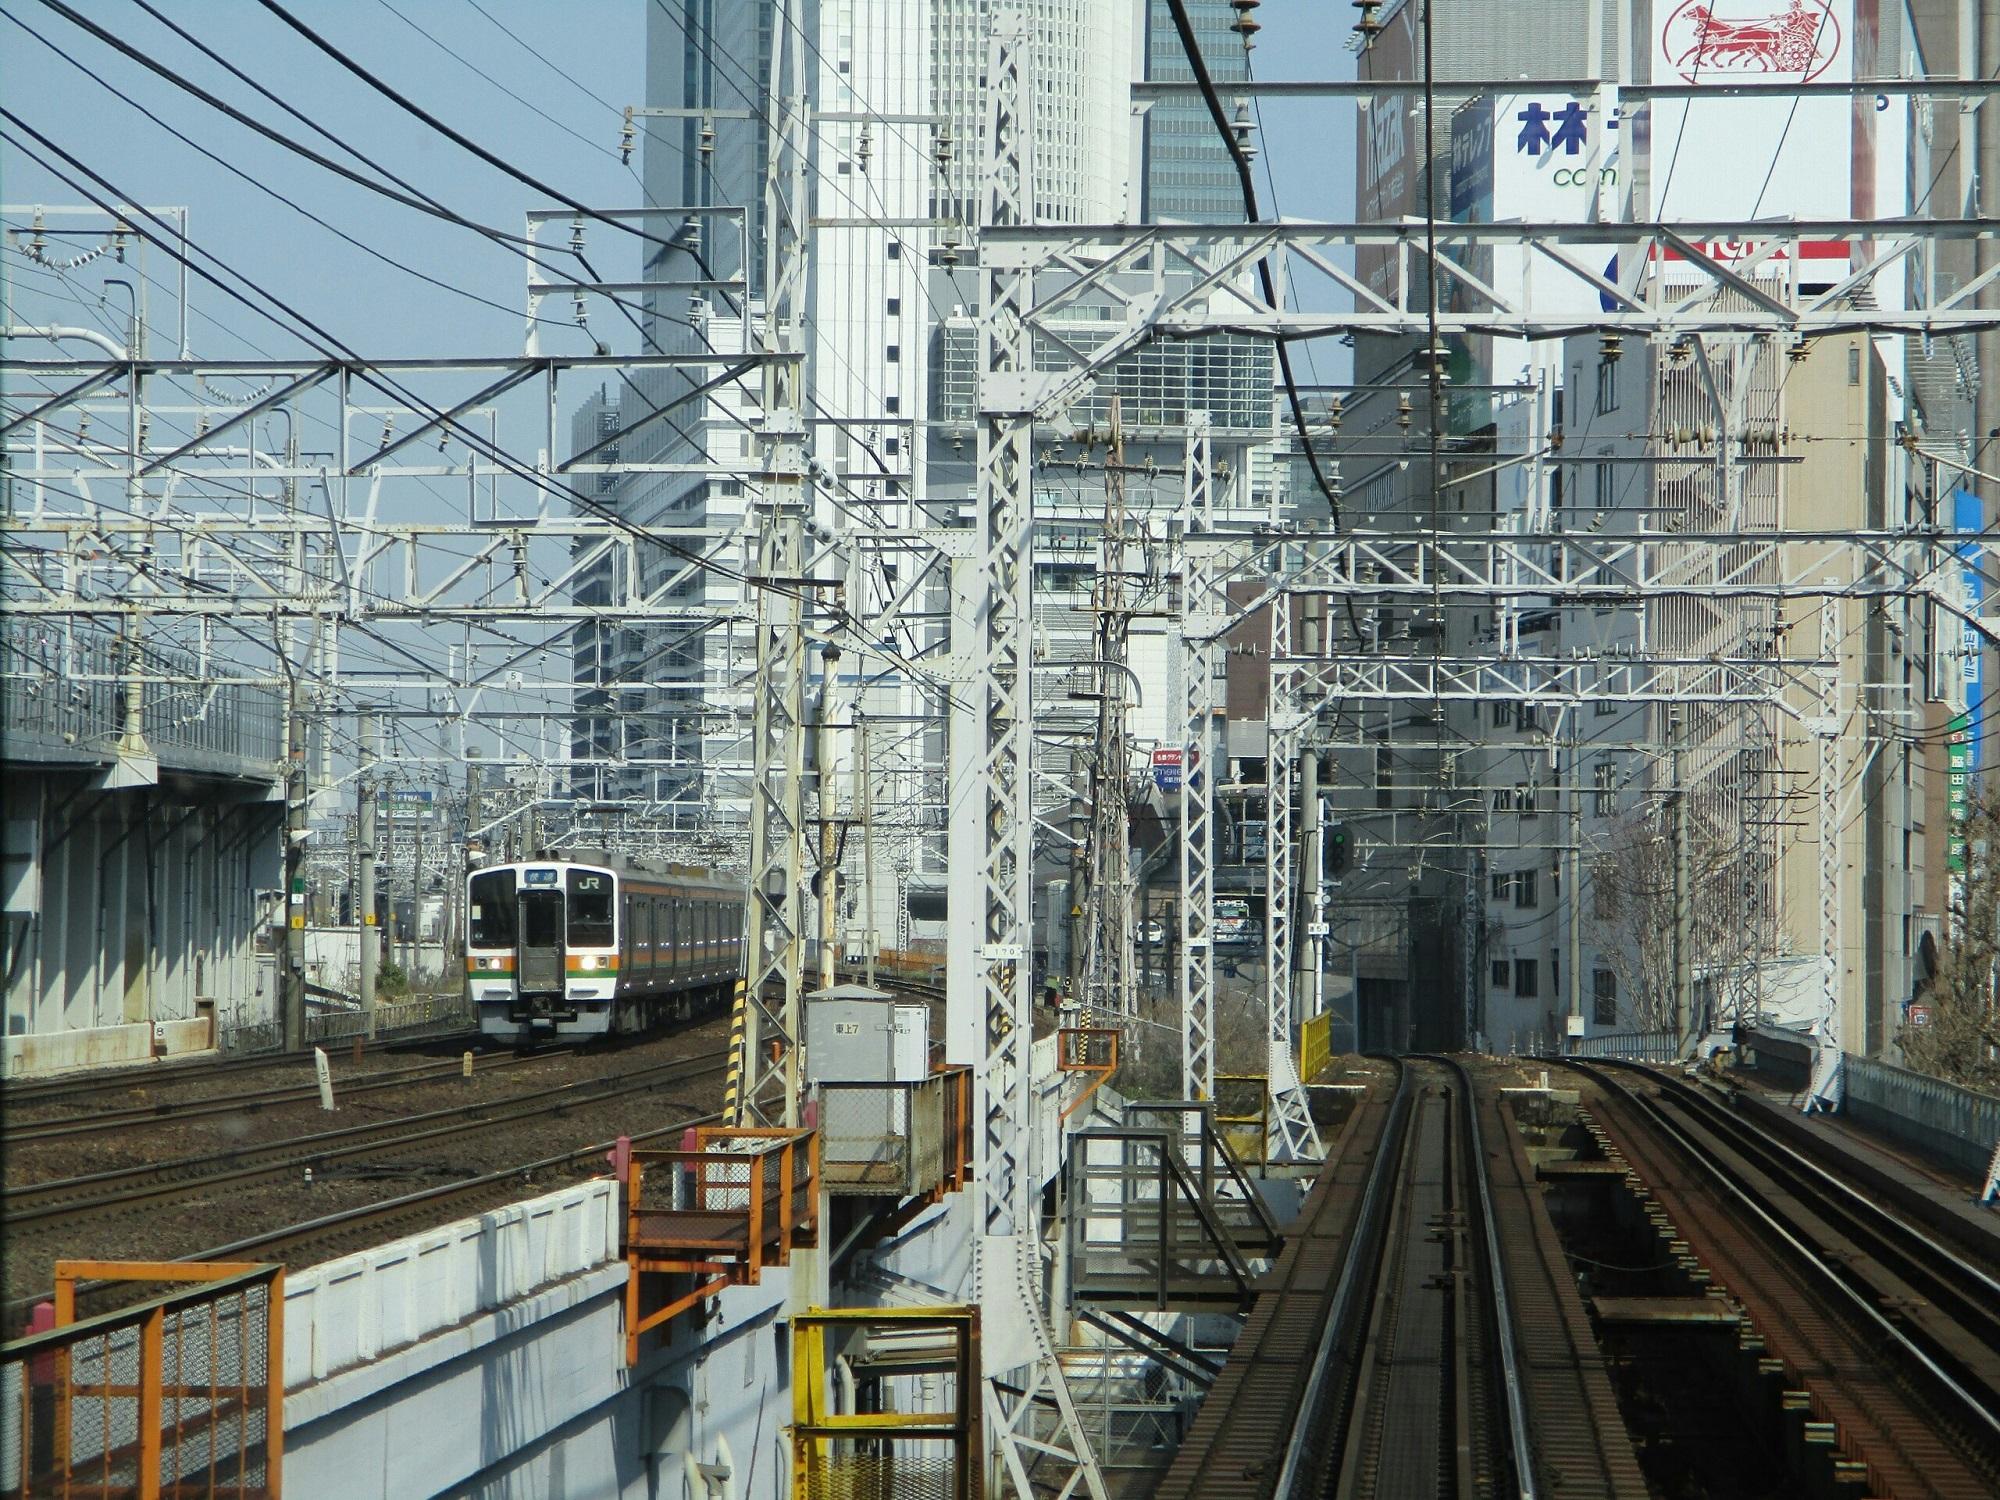 2019.3.27 (53) 弥富いき準急 - 山王名古屋間(中央線電車) 2000-1500